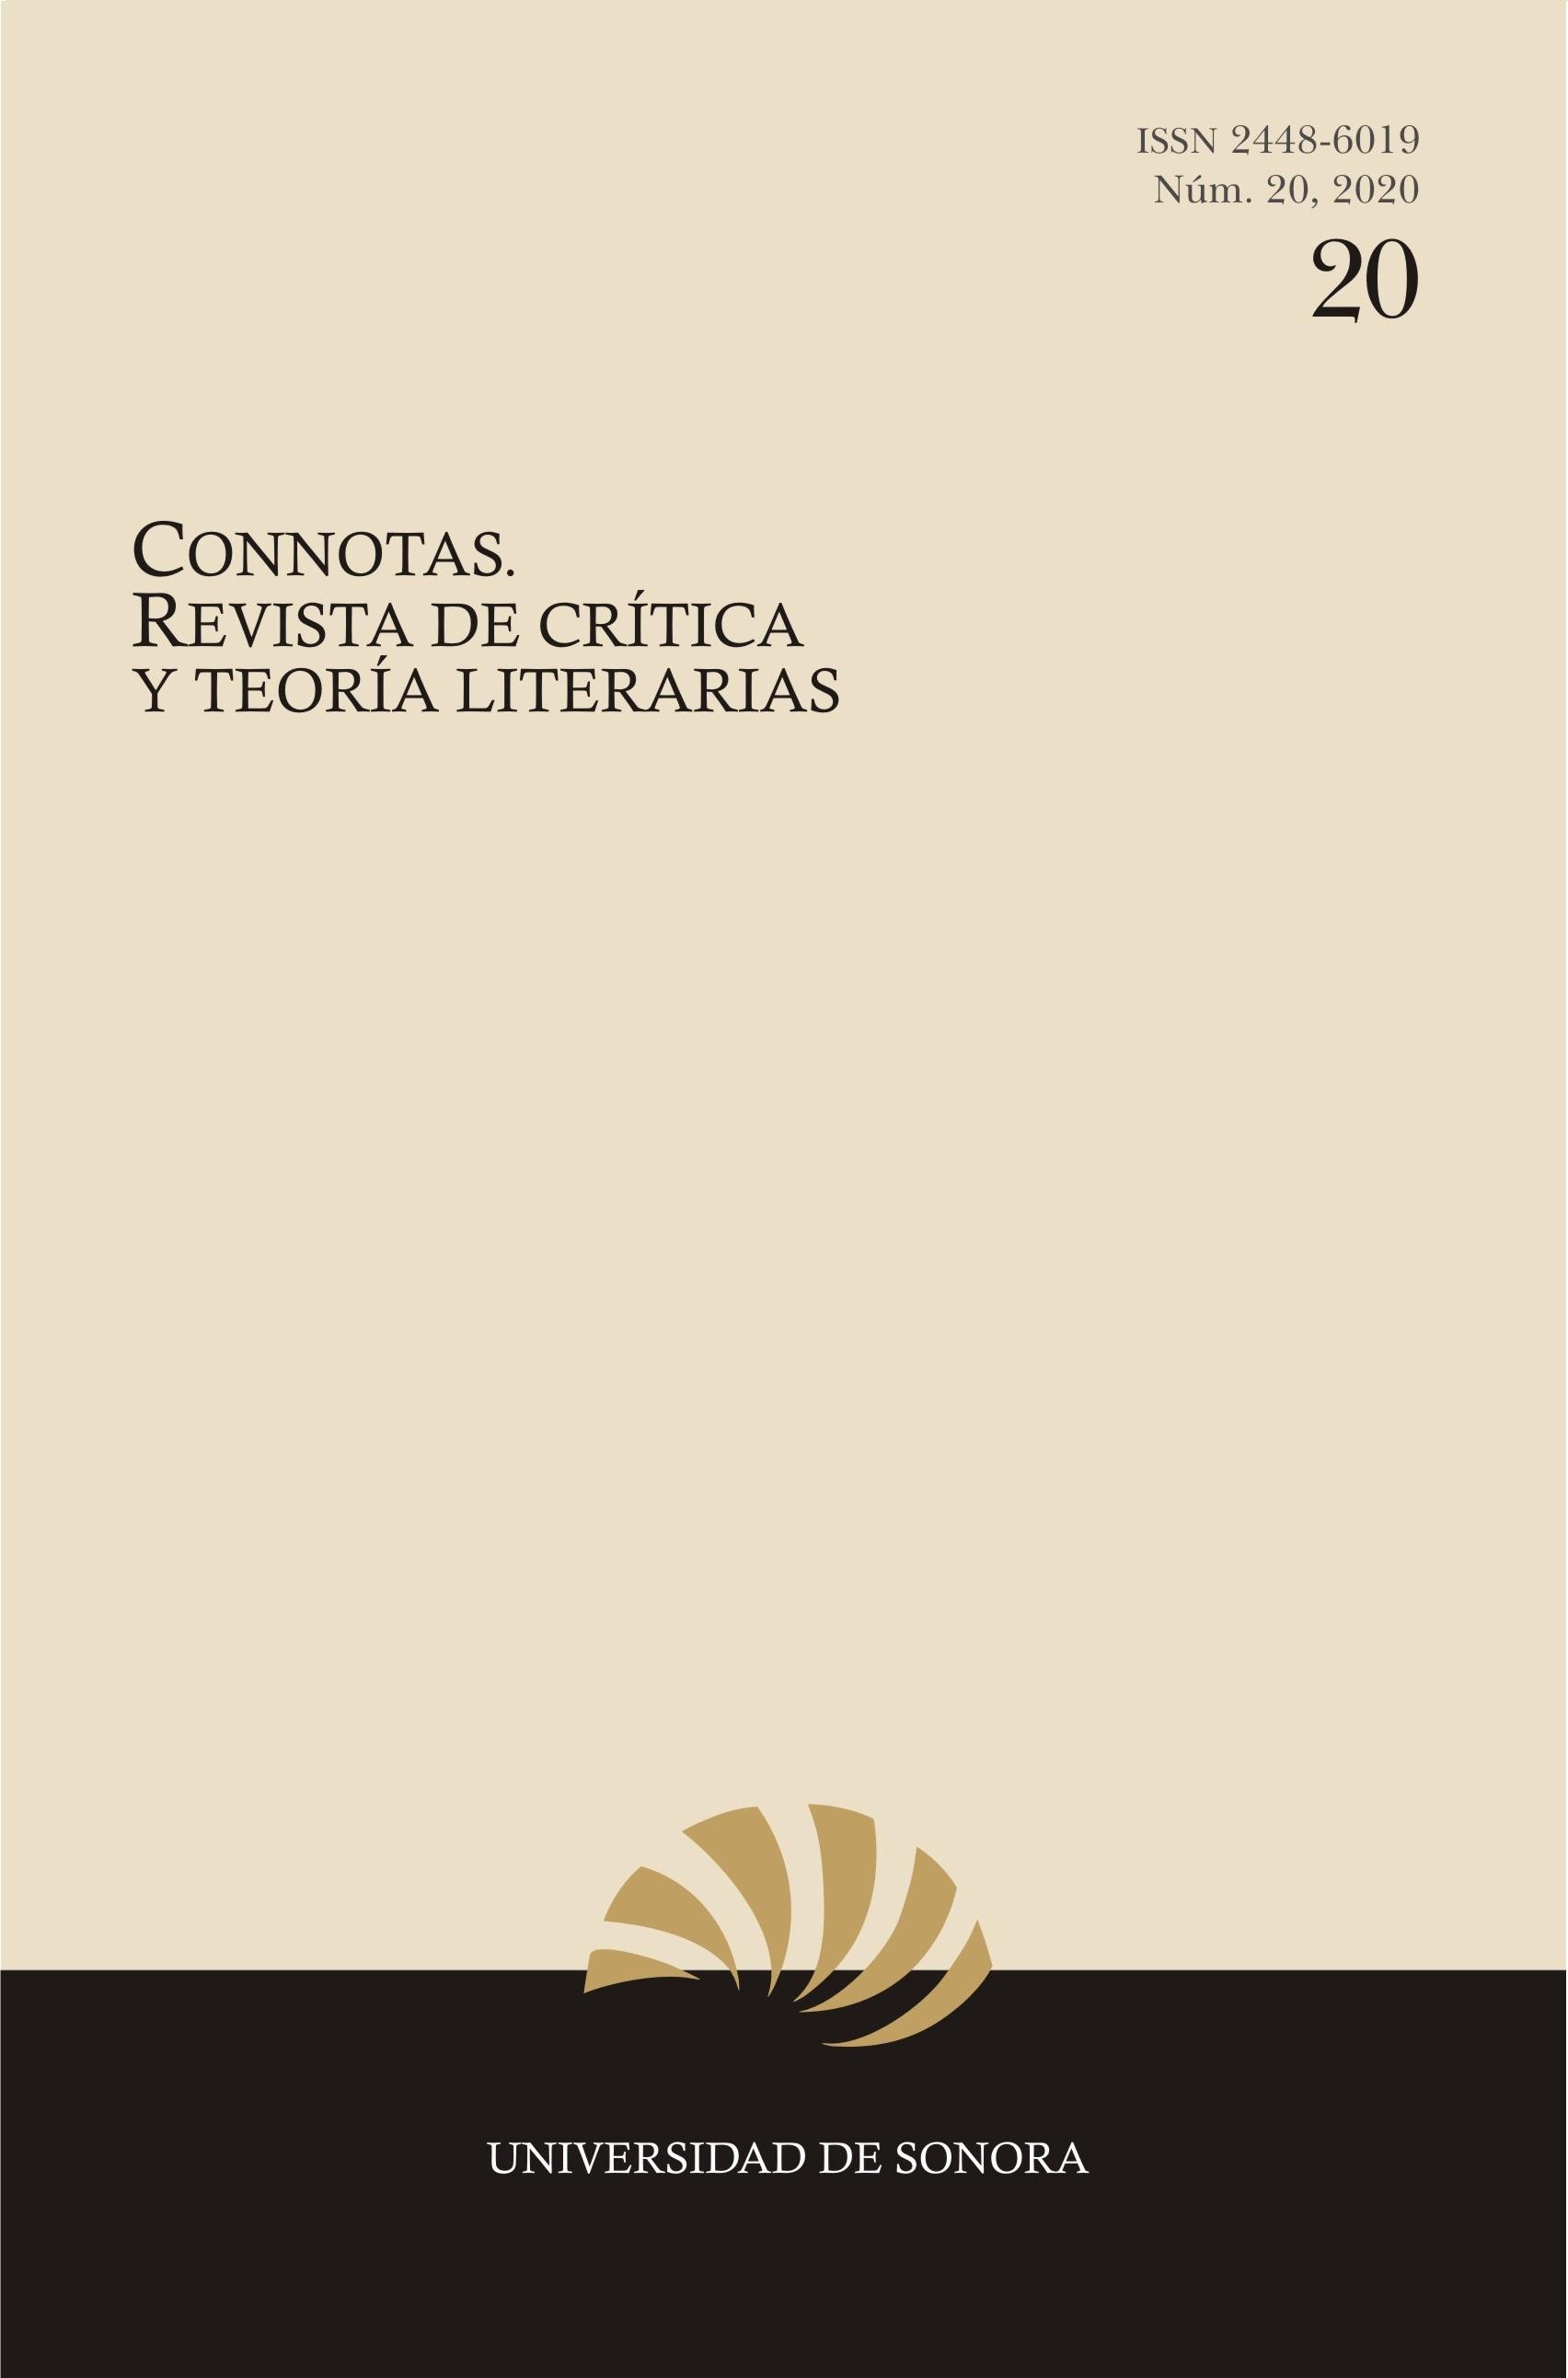 Ver Núm. 20 (2020): Connotas. Revista de crítica y teoría literarias